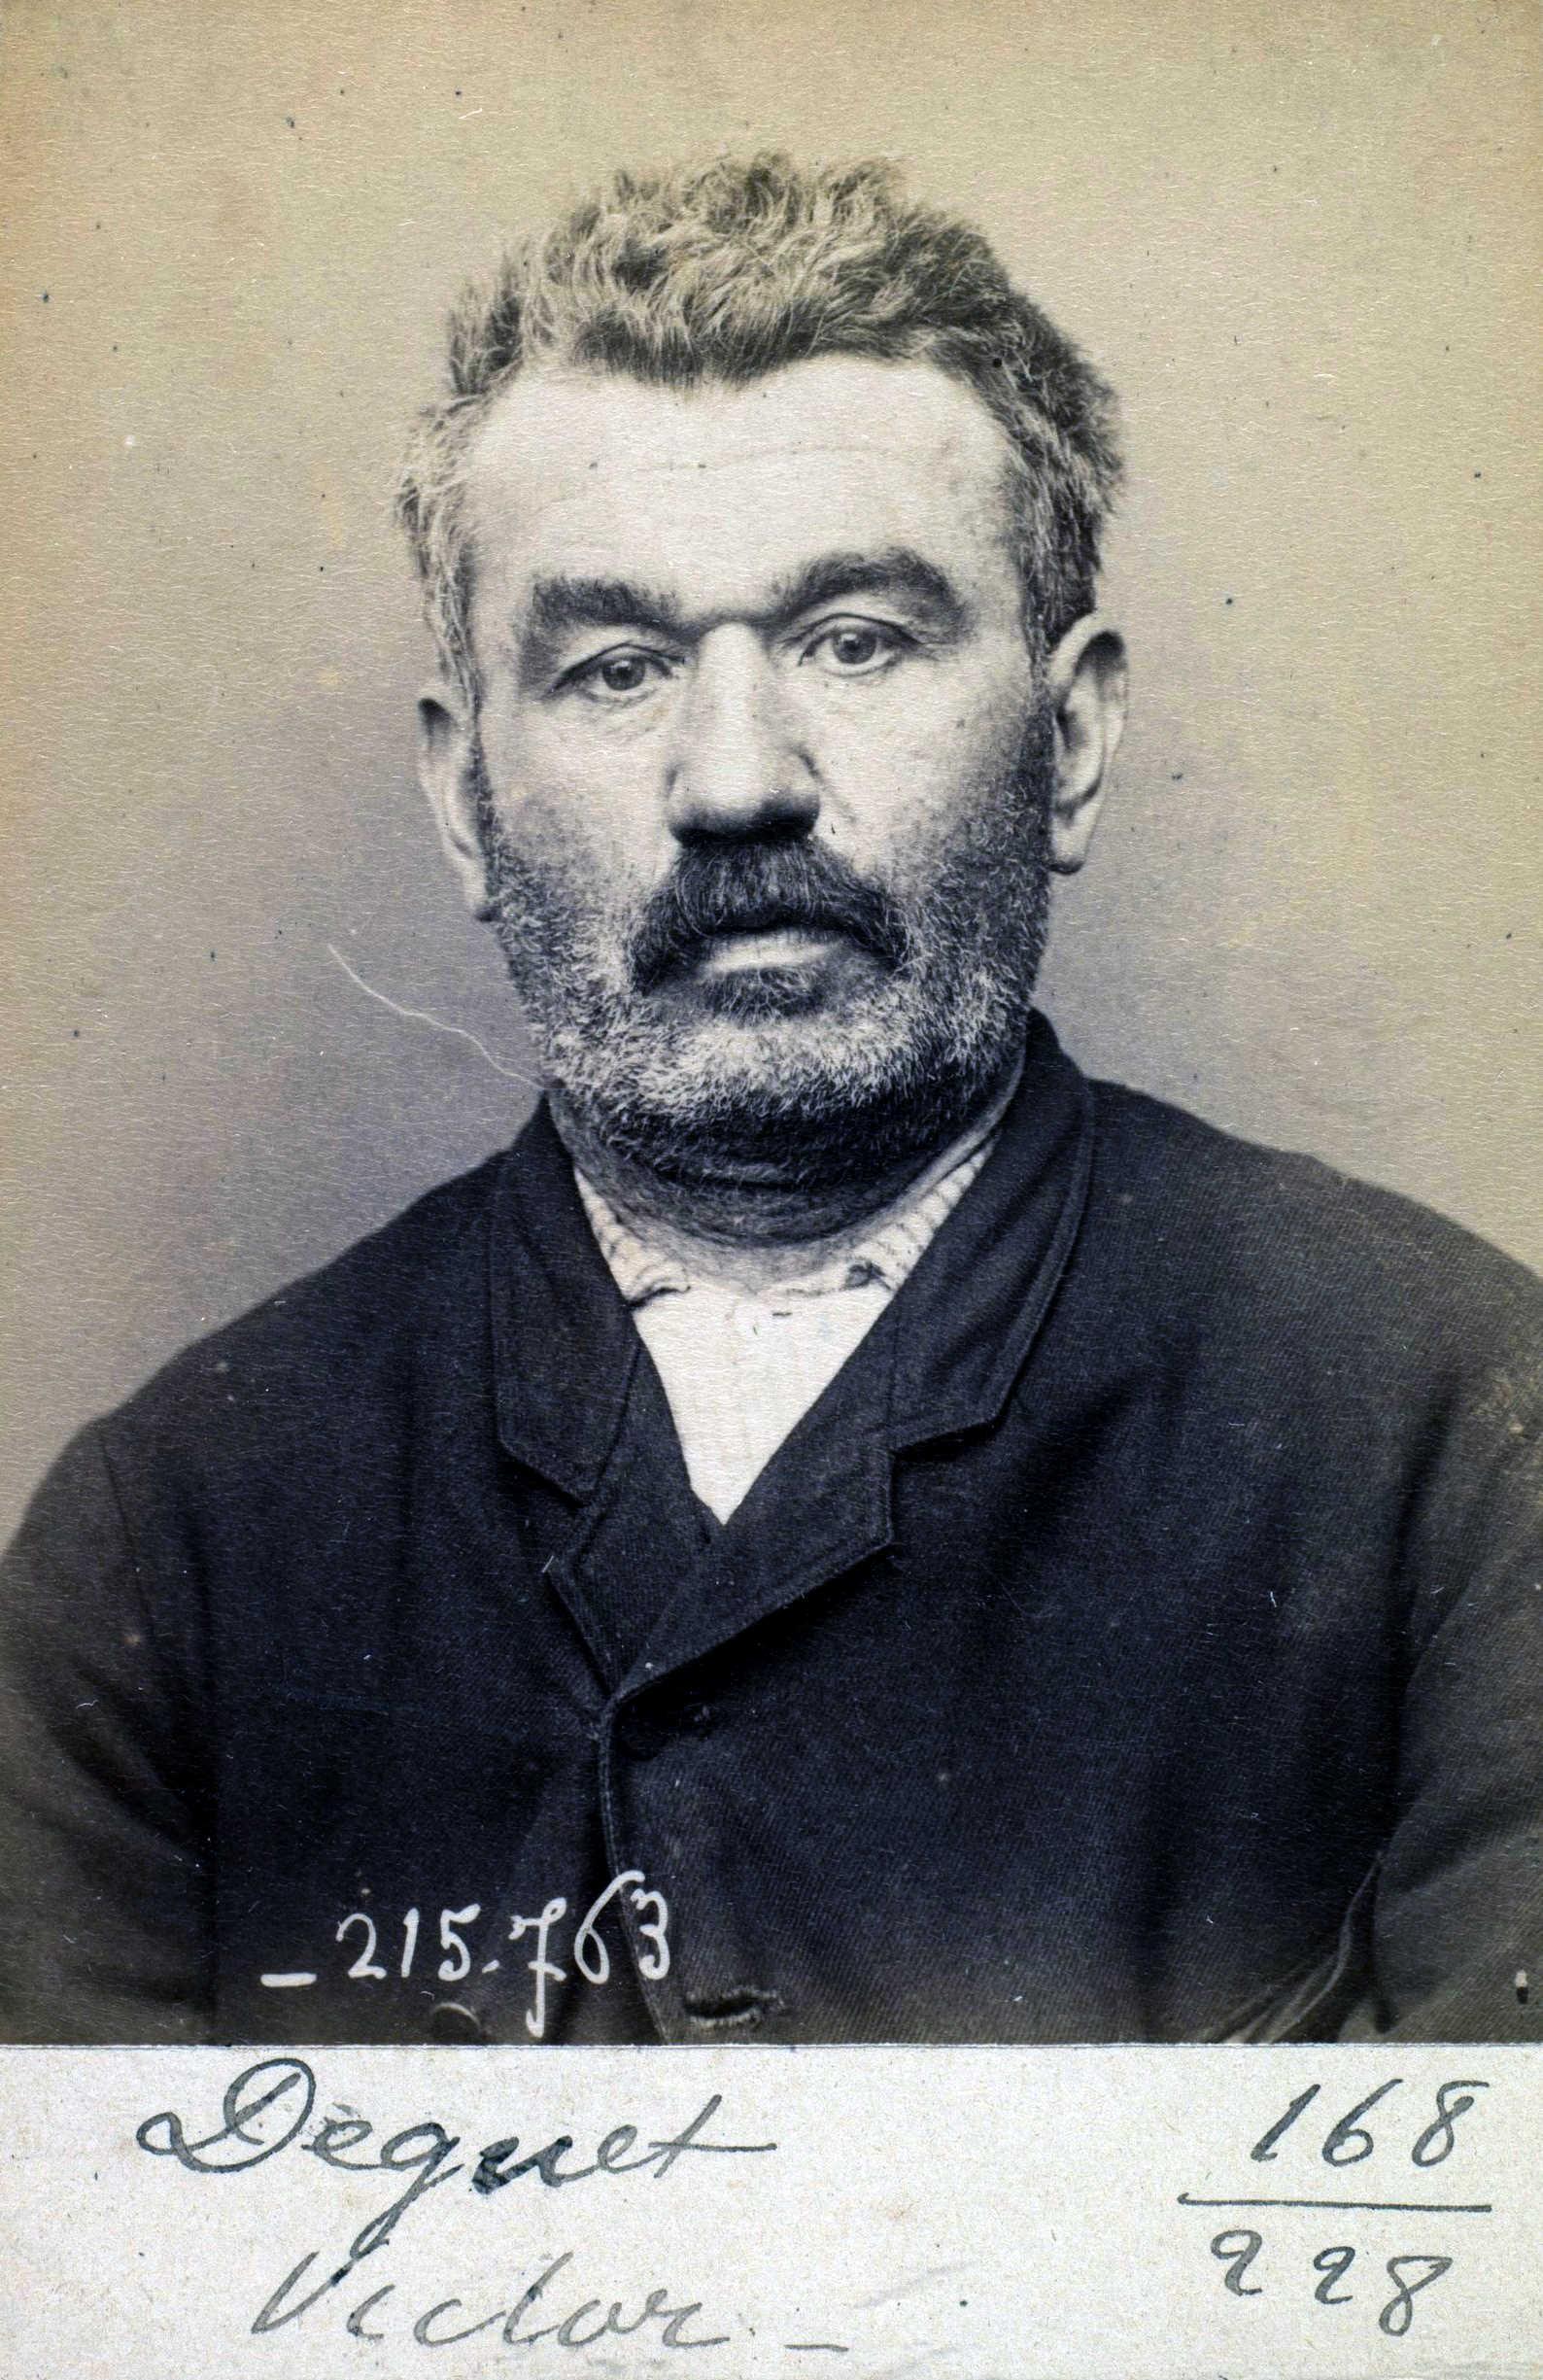 Foto policíaca de Victor Dequet (16 de març de 1894)